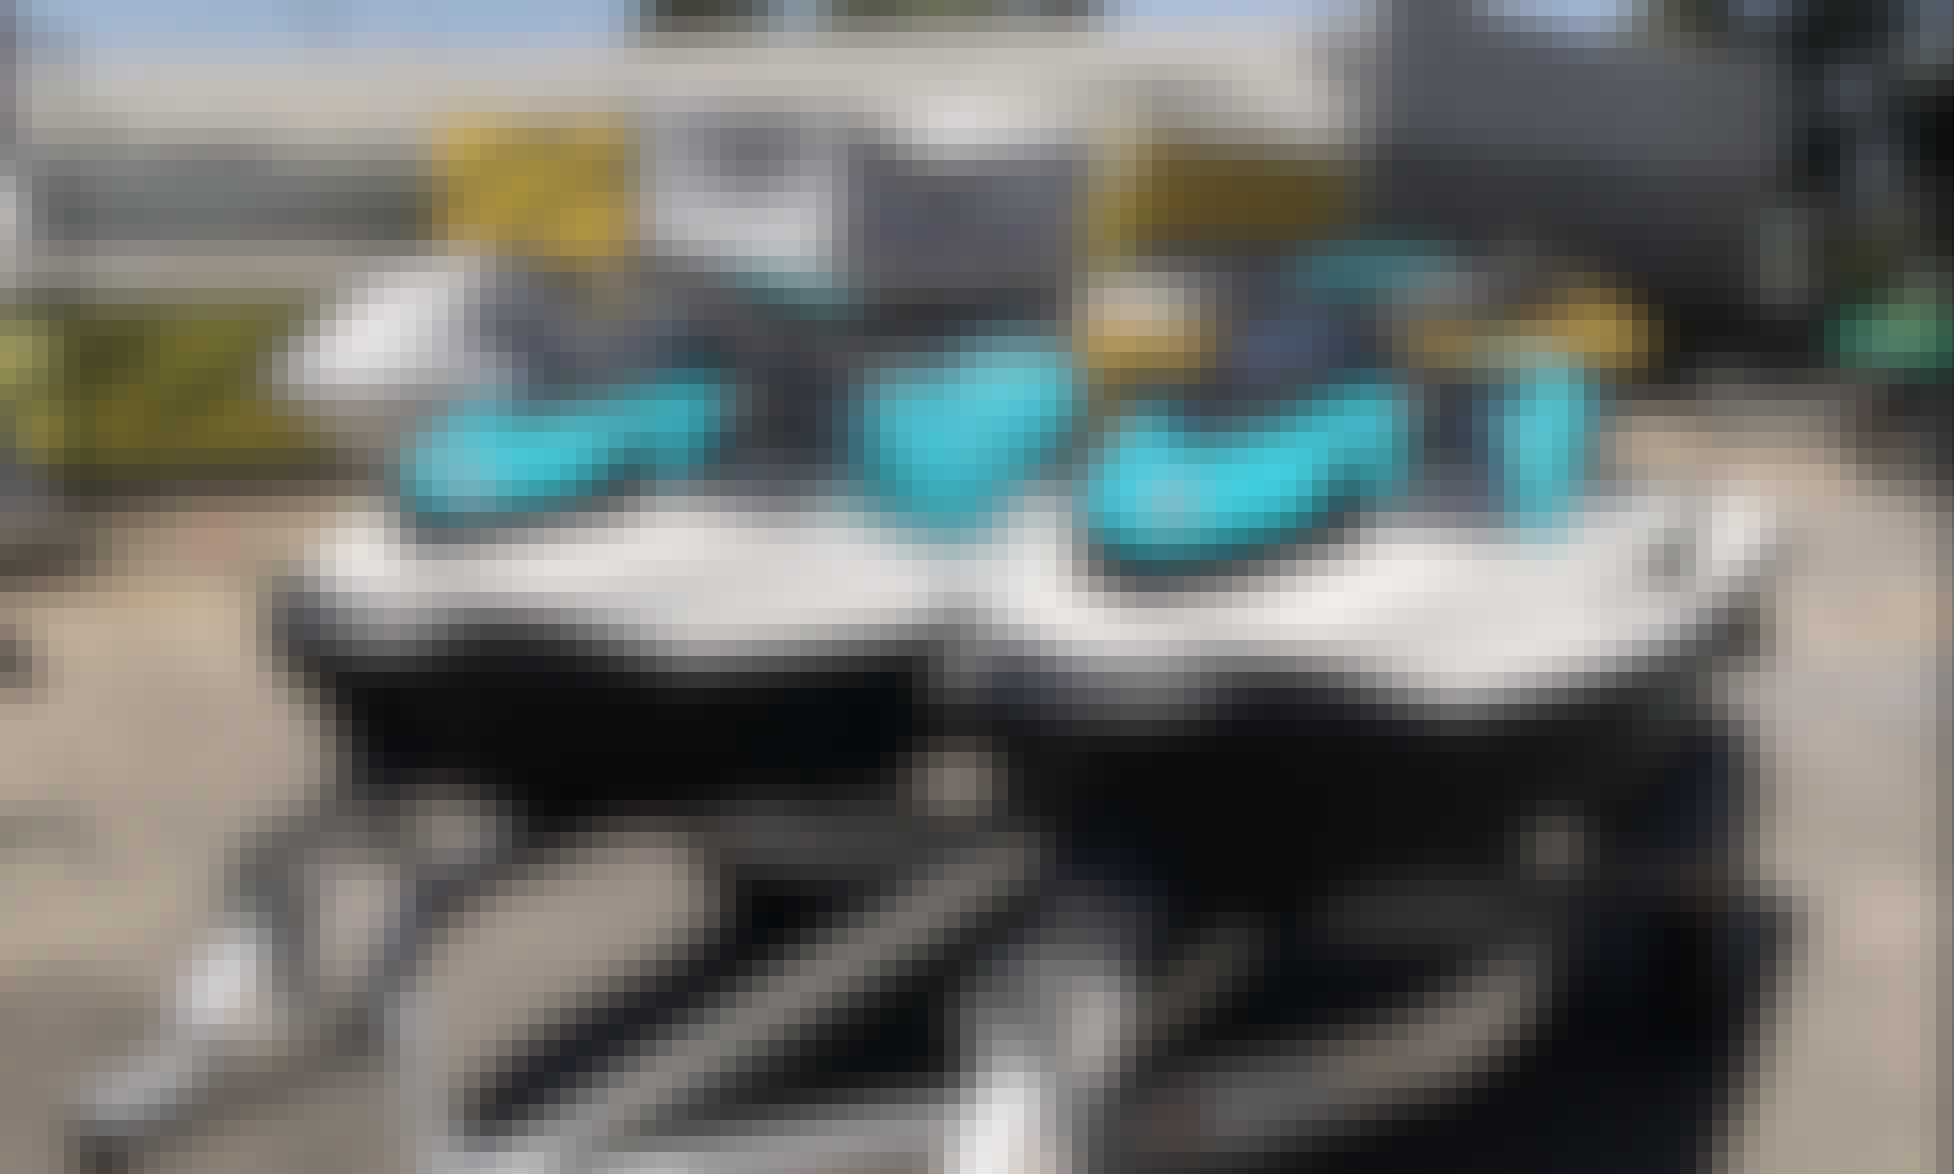 2020 Seadoo GTI90 3 Seaters for Rent in Corona, CA